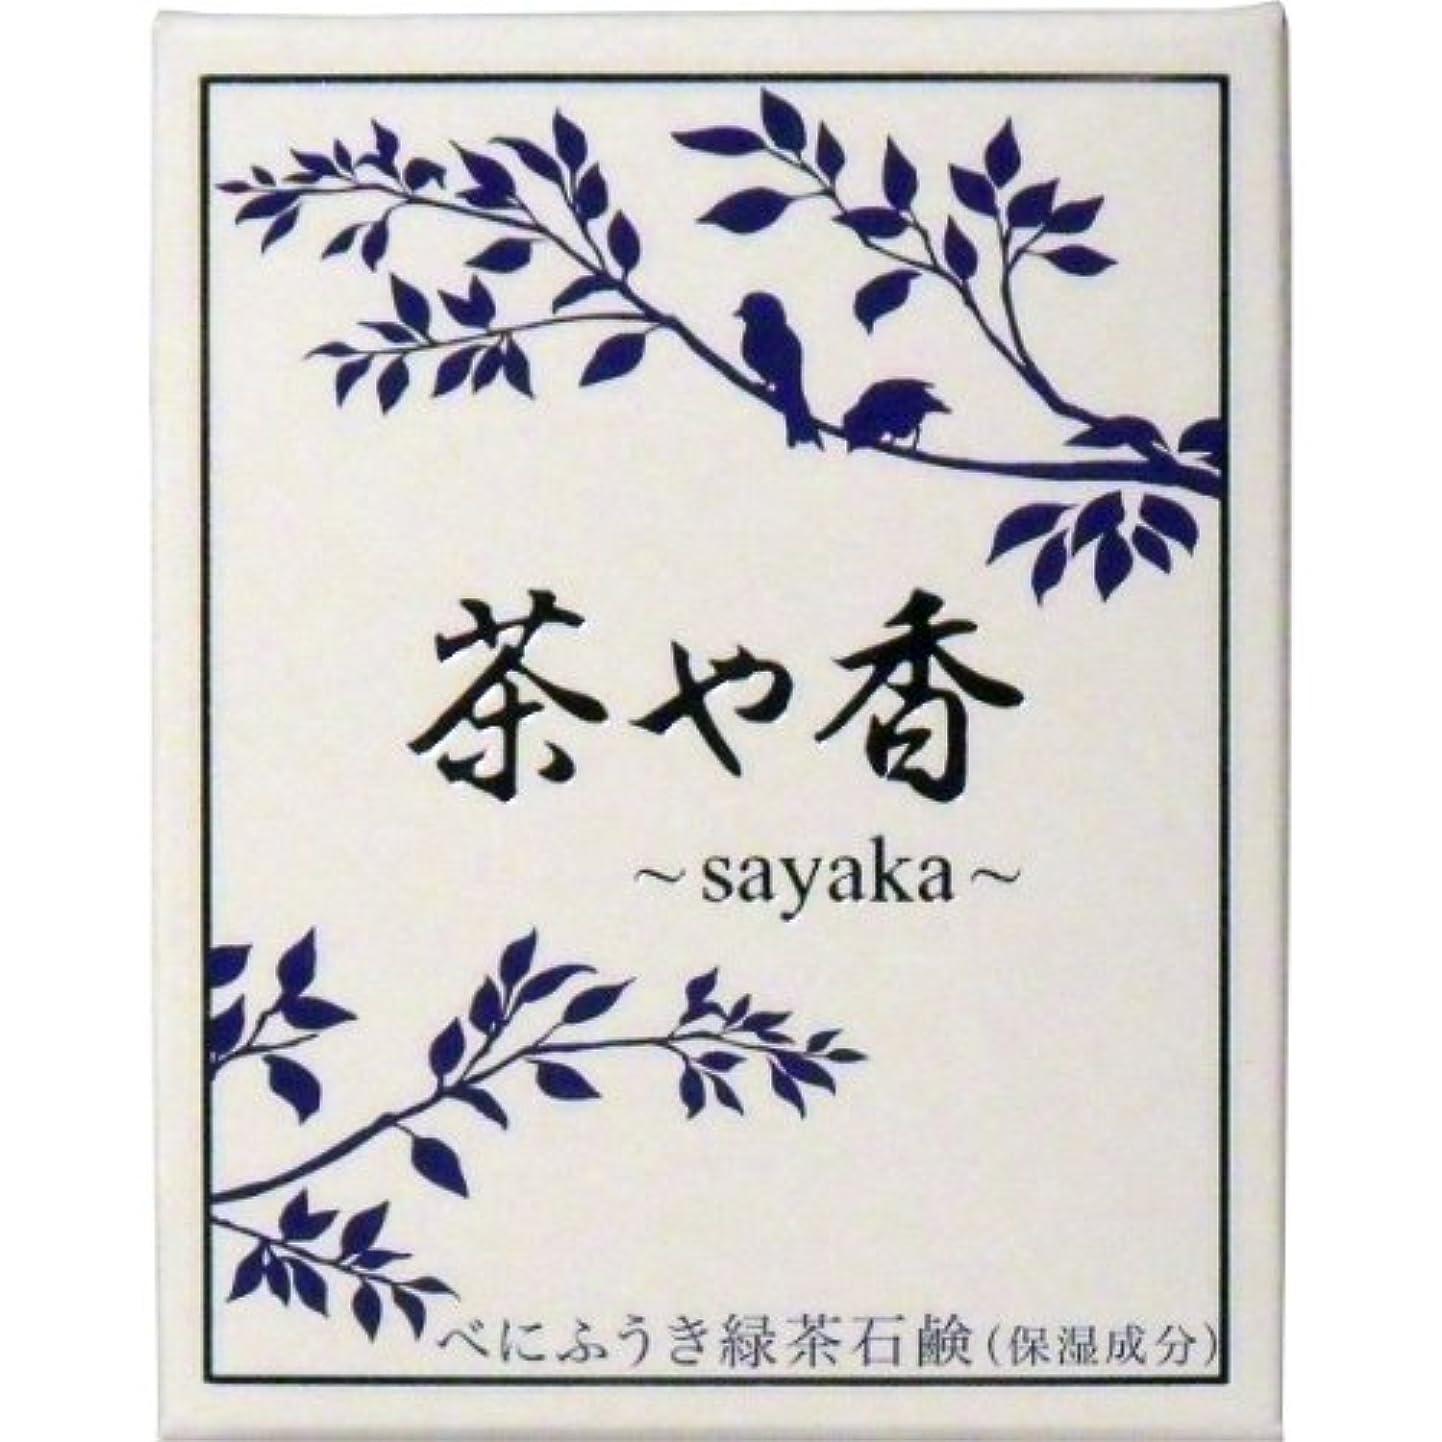 ブル移民経験的茶や香 -sayaka- べにふうき緑茶石鹸 100g入 ×3個セット